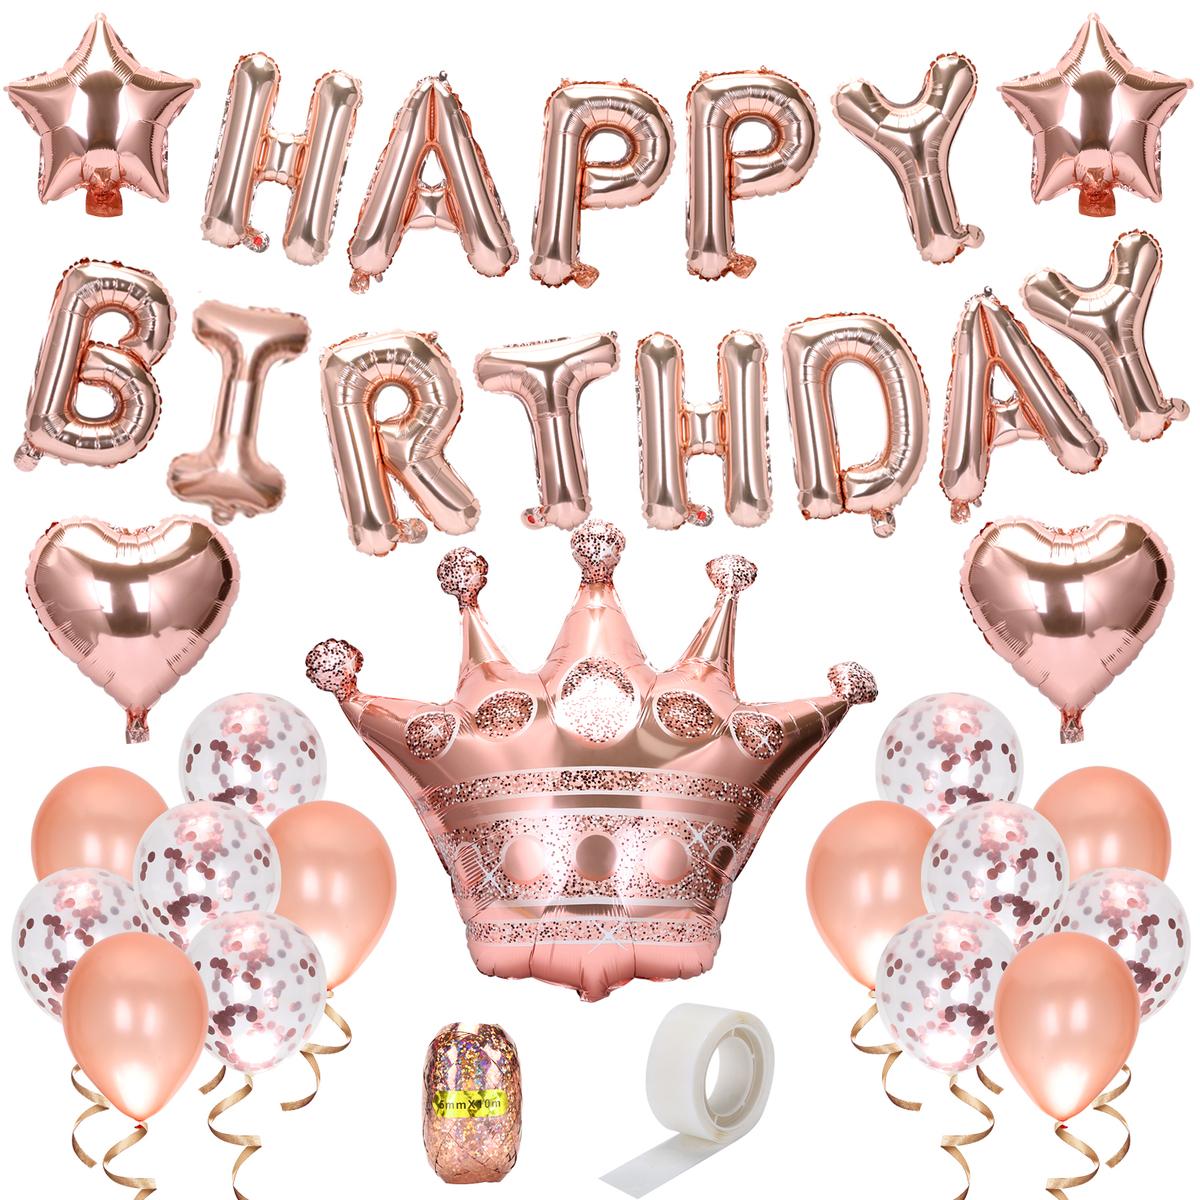 豪華感があるローズゴールド調の飾り付けセットは 女性 女の子はもちろん,子供の誕生日 記念日に最適です お誕生日飾りつけセット誕生日 HAPPY BIRTHDAY バルーン 風船 ゴールド 装飾 バースデー ハッピーバースデー ローズゴールドの誕生日装飾 可愛い ポンポン 店舗 ガーランド 女の子 ピンク 新作入荷 バースデーデコレーションセット パーティー